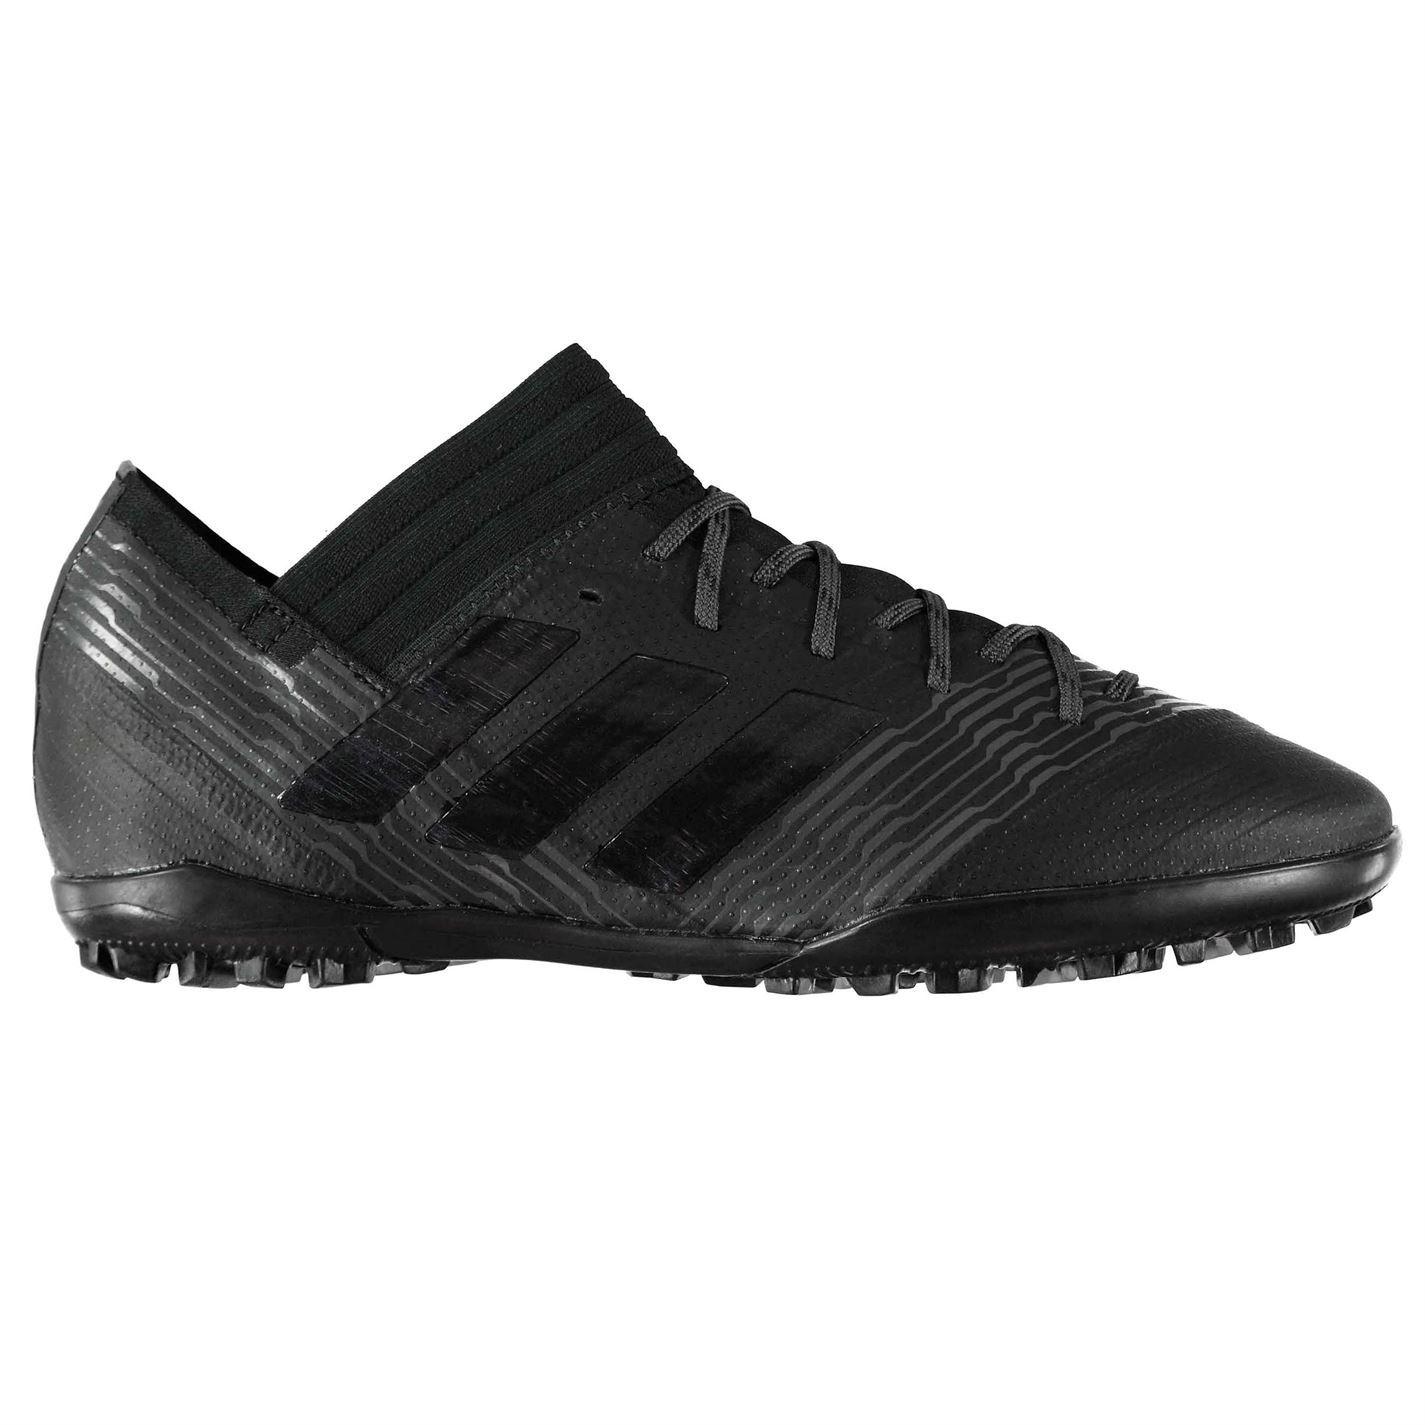 Sportsdirect Co Uk Shoes